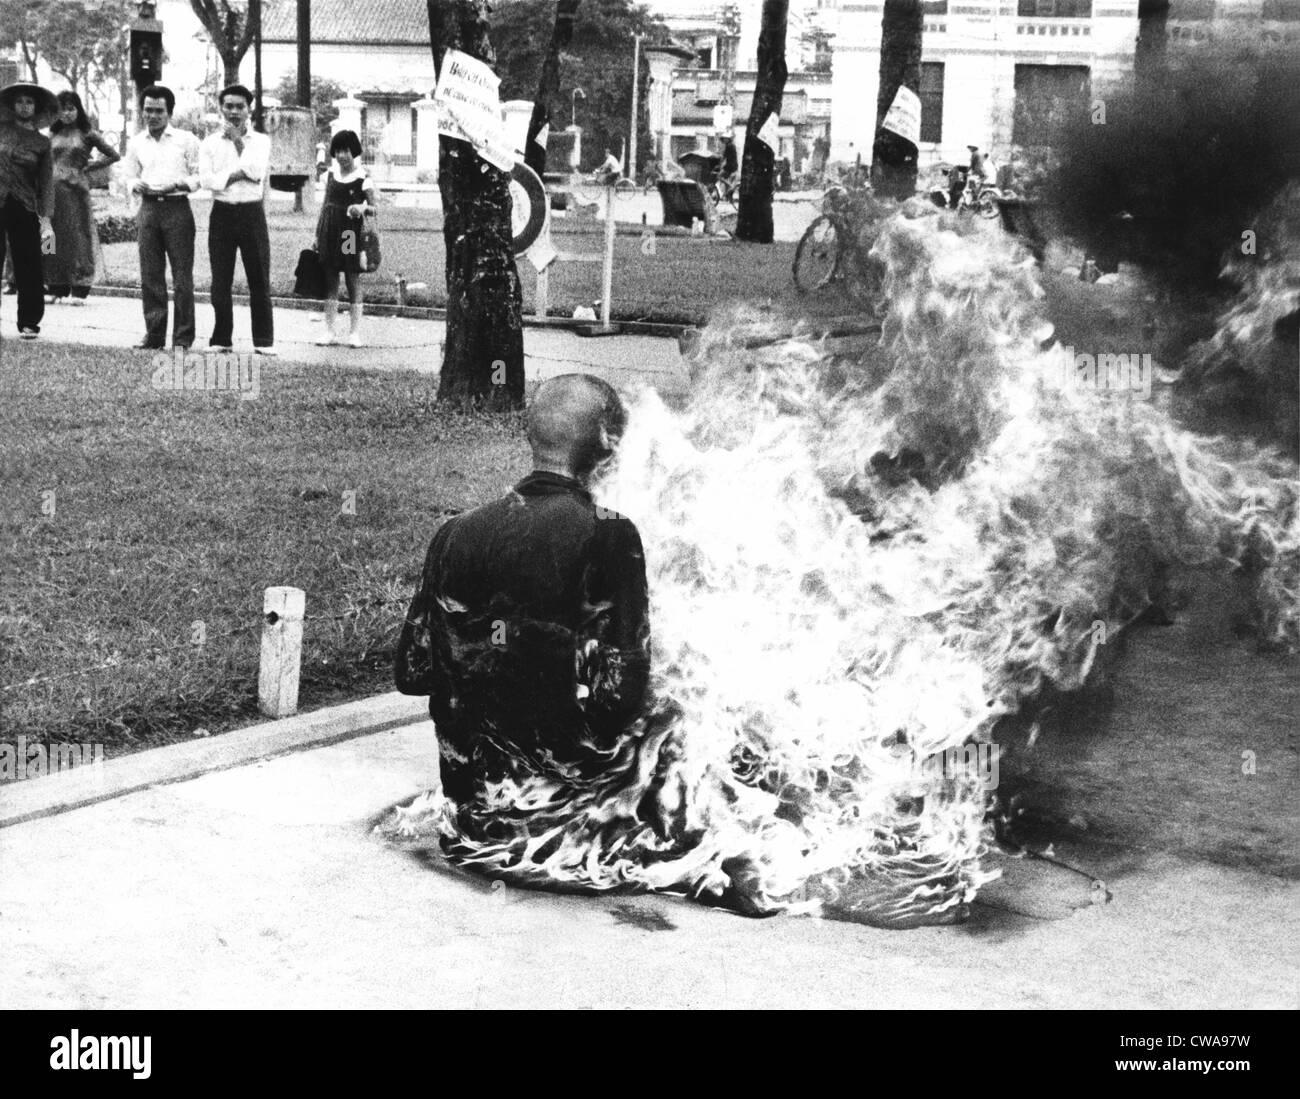 Un giovane monaco buddista bruciato se stesso fino alla morte a Saigon la piazza del mercato, per protestare contro il governo di politiche religiose. 1963. Foto Stock